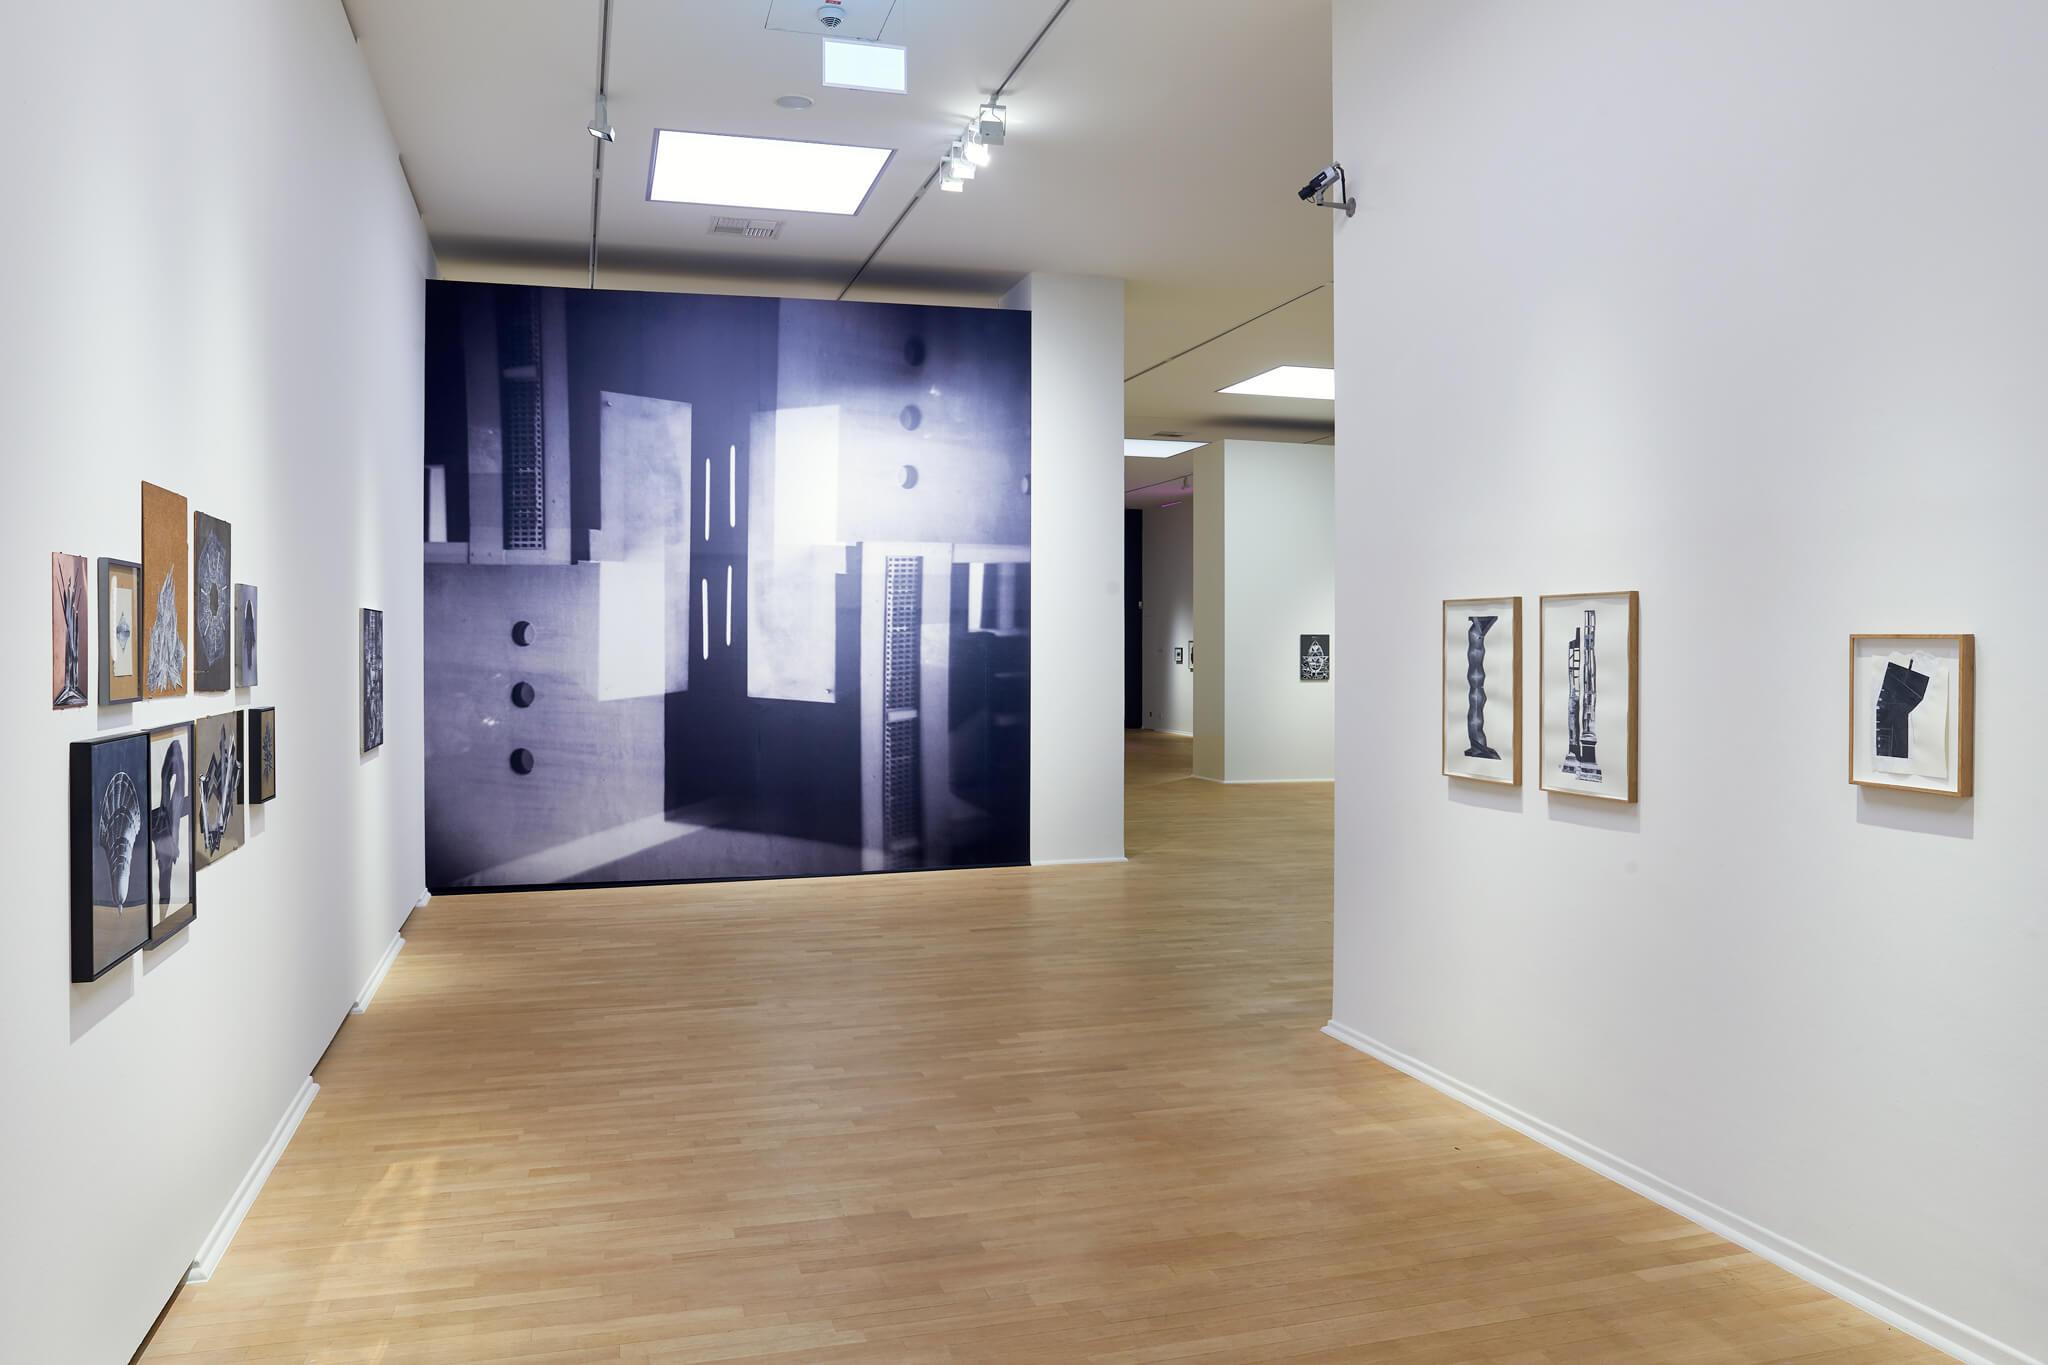 93_Frauke-Dannert_Collage_Installation_Mehrfachbelichtung_Museum-Kunstpalast_2016